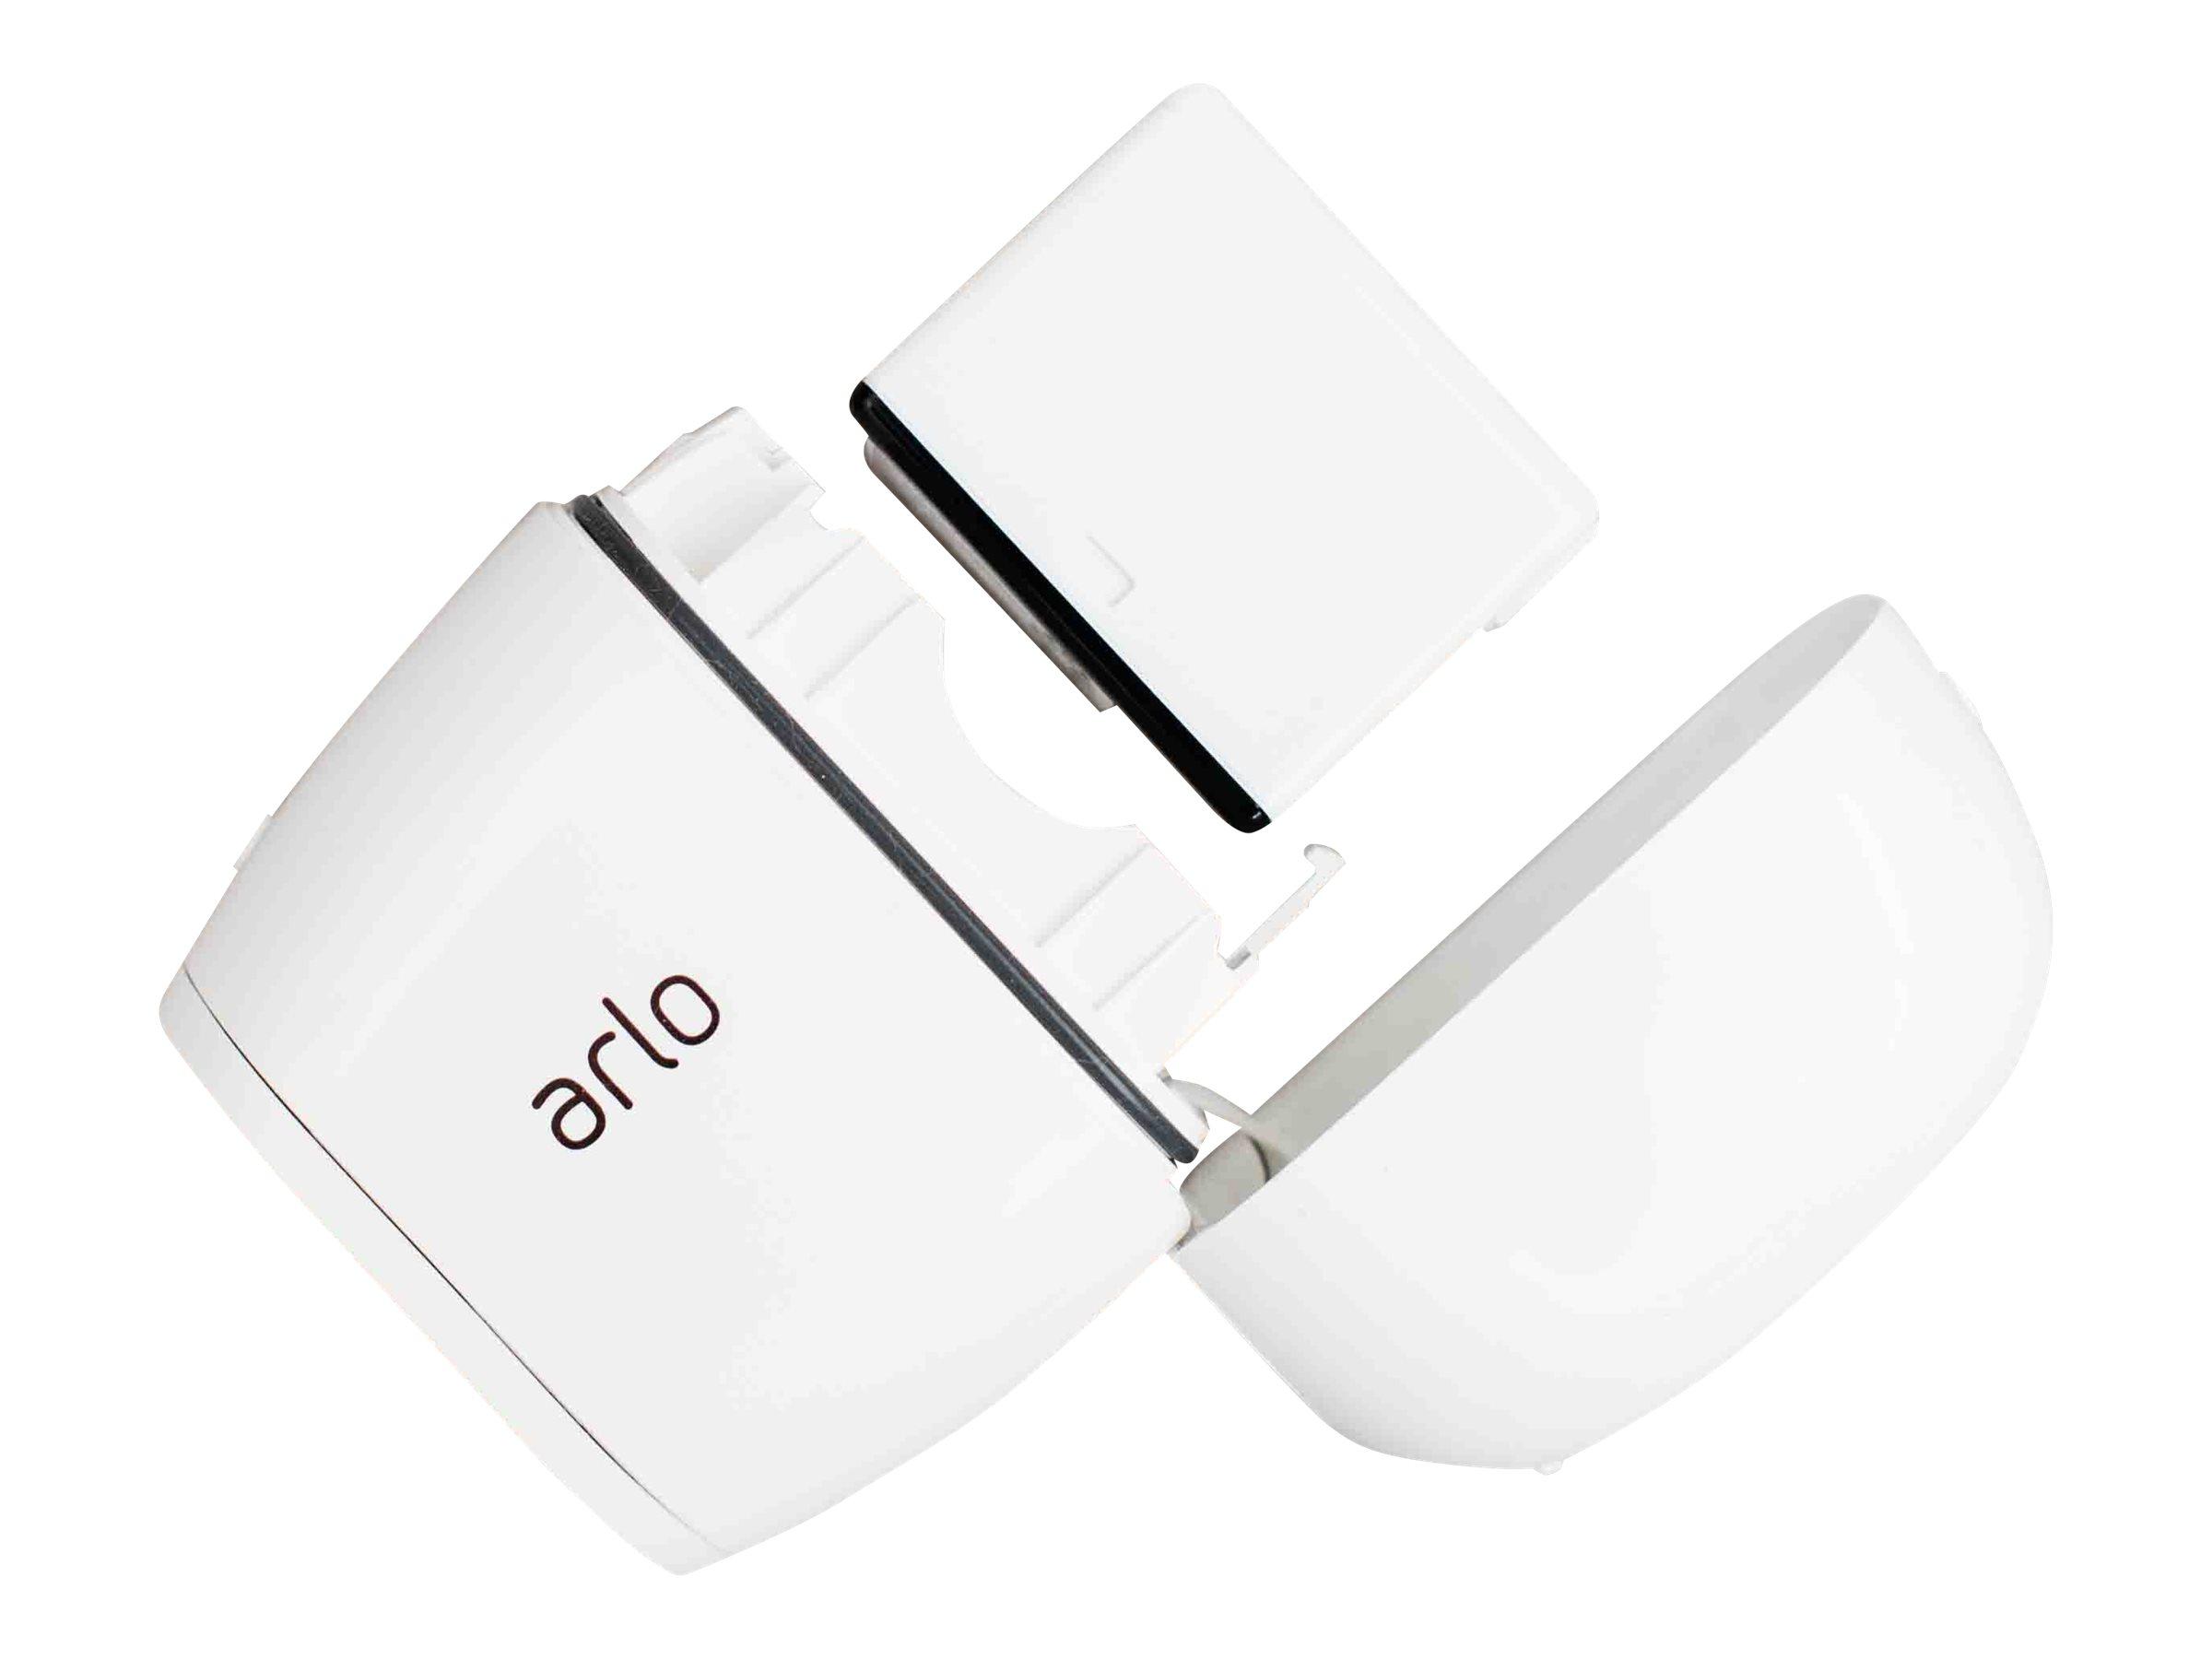 Arlo Pro 2 VMS4230P - Videoserver + Kamera(s) - drahtlos - 802.11n - 2 Kamera(s) - CMOS